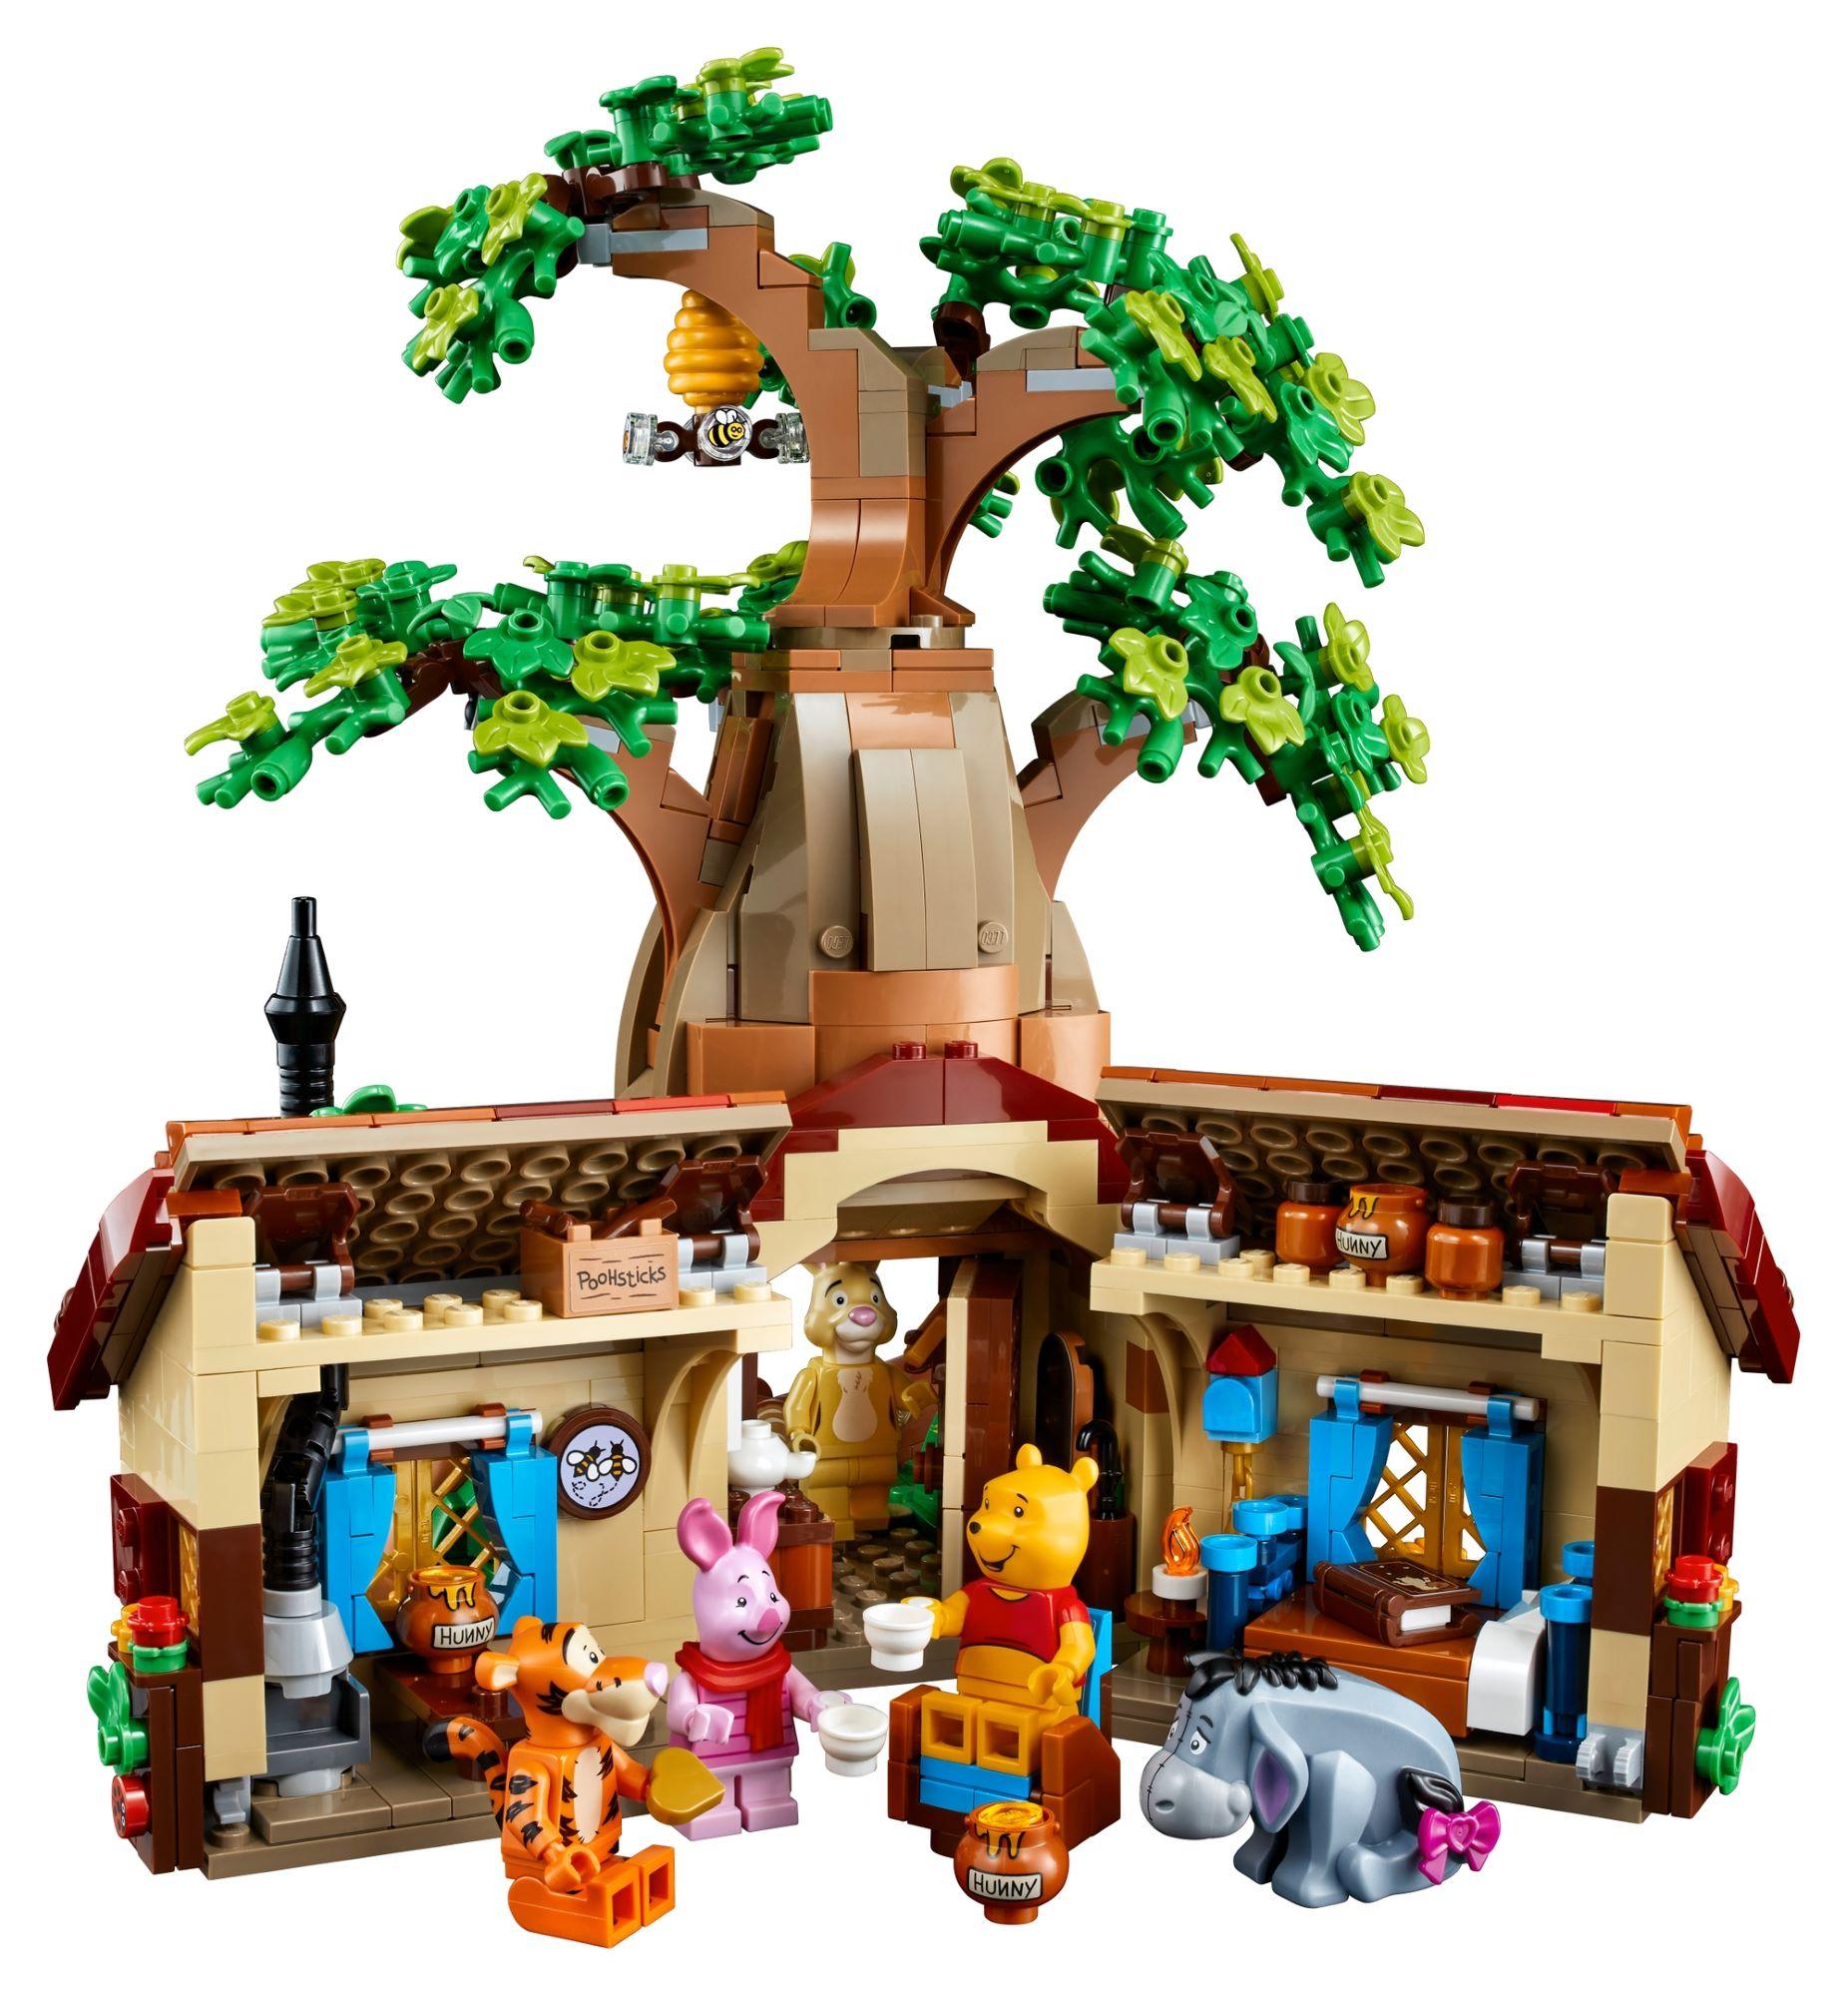 LEGO 21326 Winnie The Pooh 4